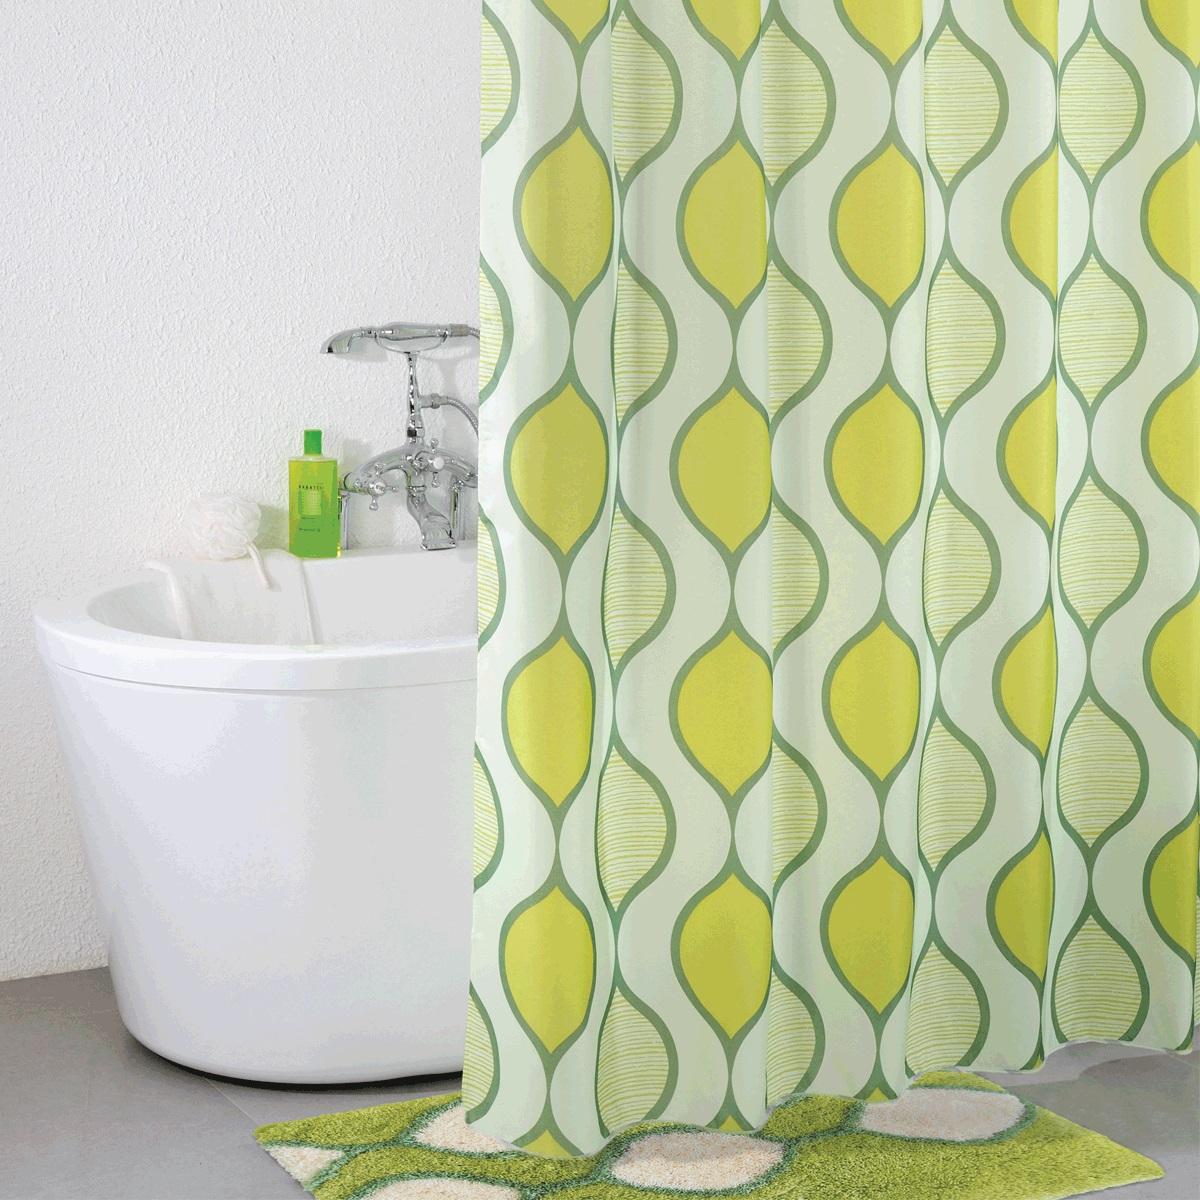 Штора для ванной Iddis Curved Lines Green, цвет: зеленый, 200 x 200 см штора для ванной iddis curved lines blue цвет голубой 200 x 200 см